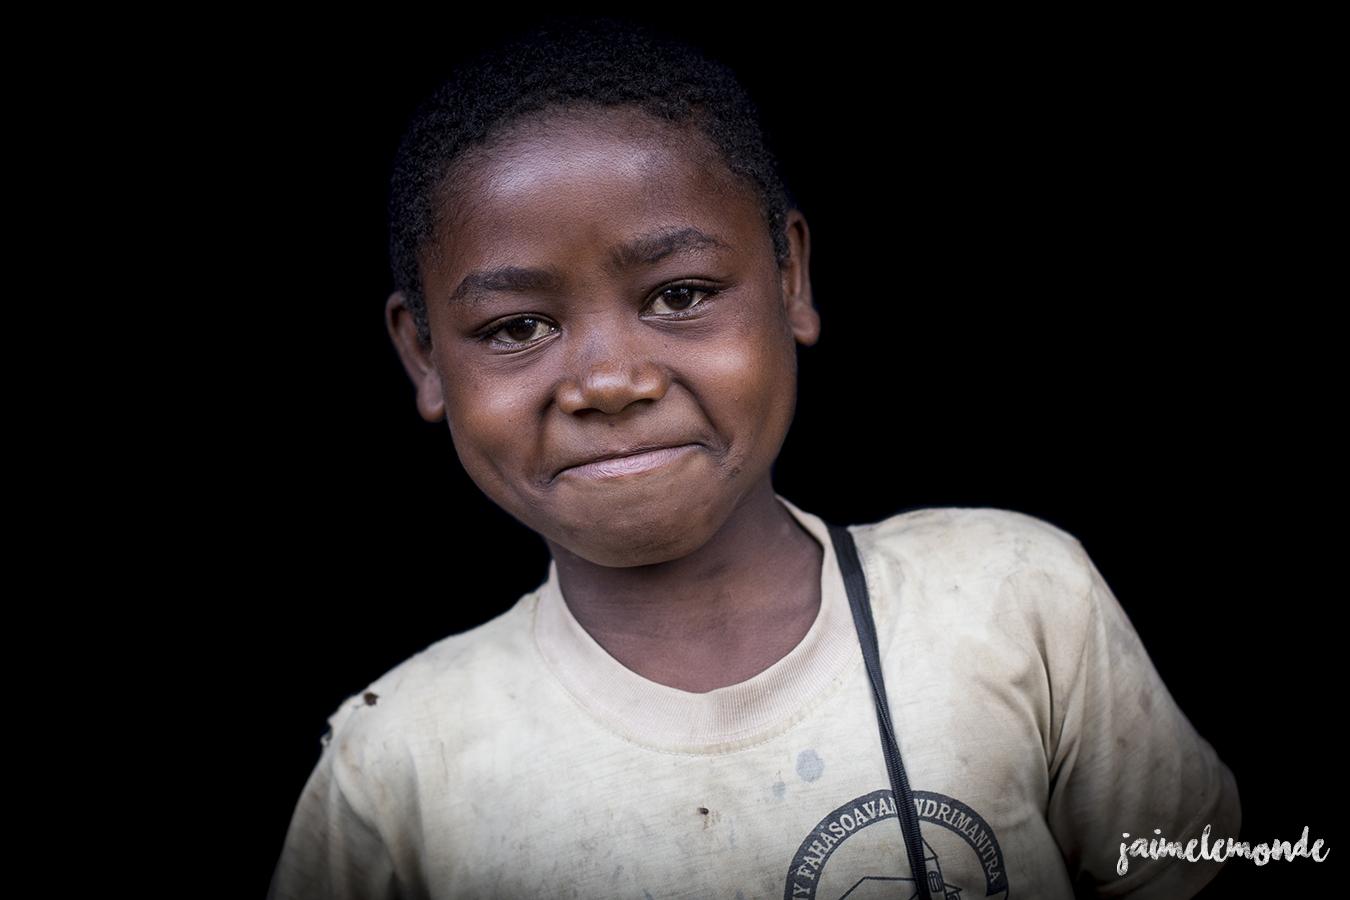 portraits-fond-noir-vohitsaoka-madagascar-jaimelemonde-2